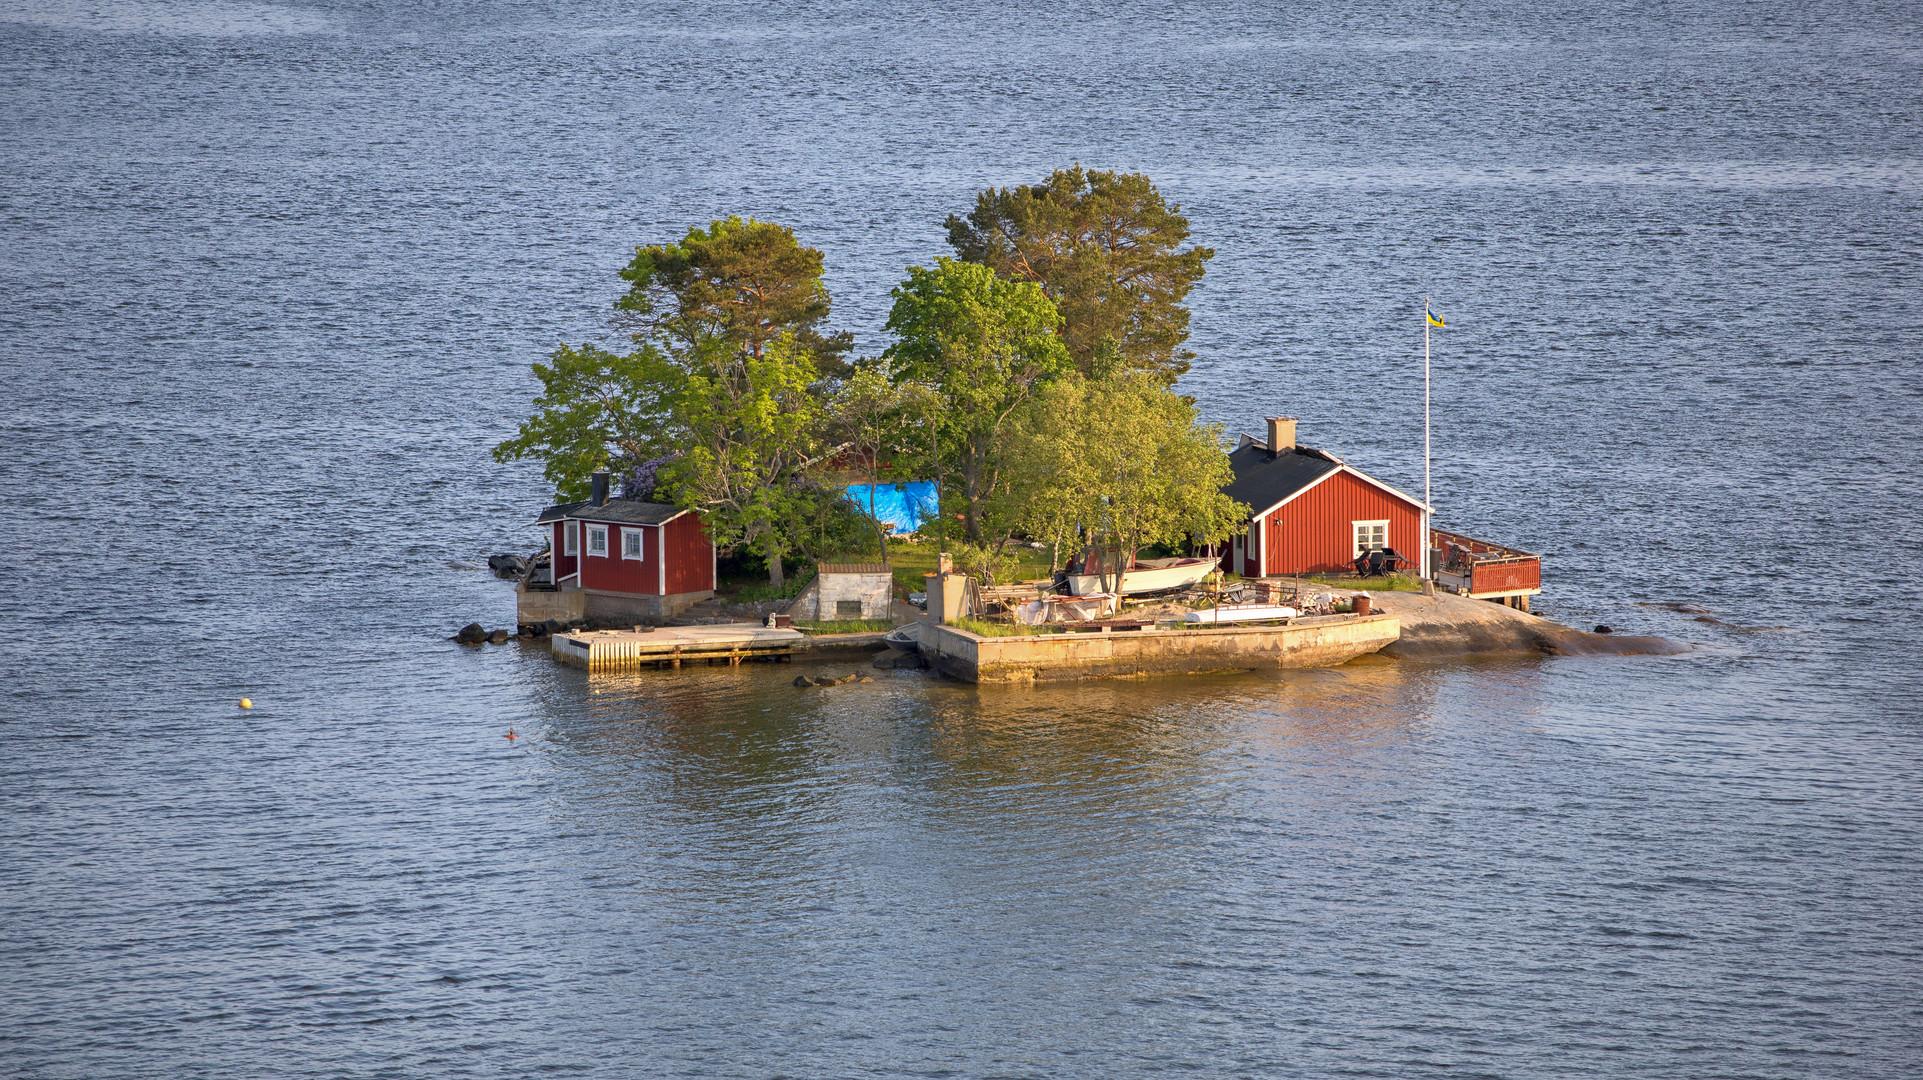 Ab auf die Insel - Stockholms Schärengarten. I